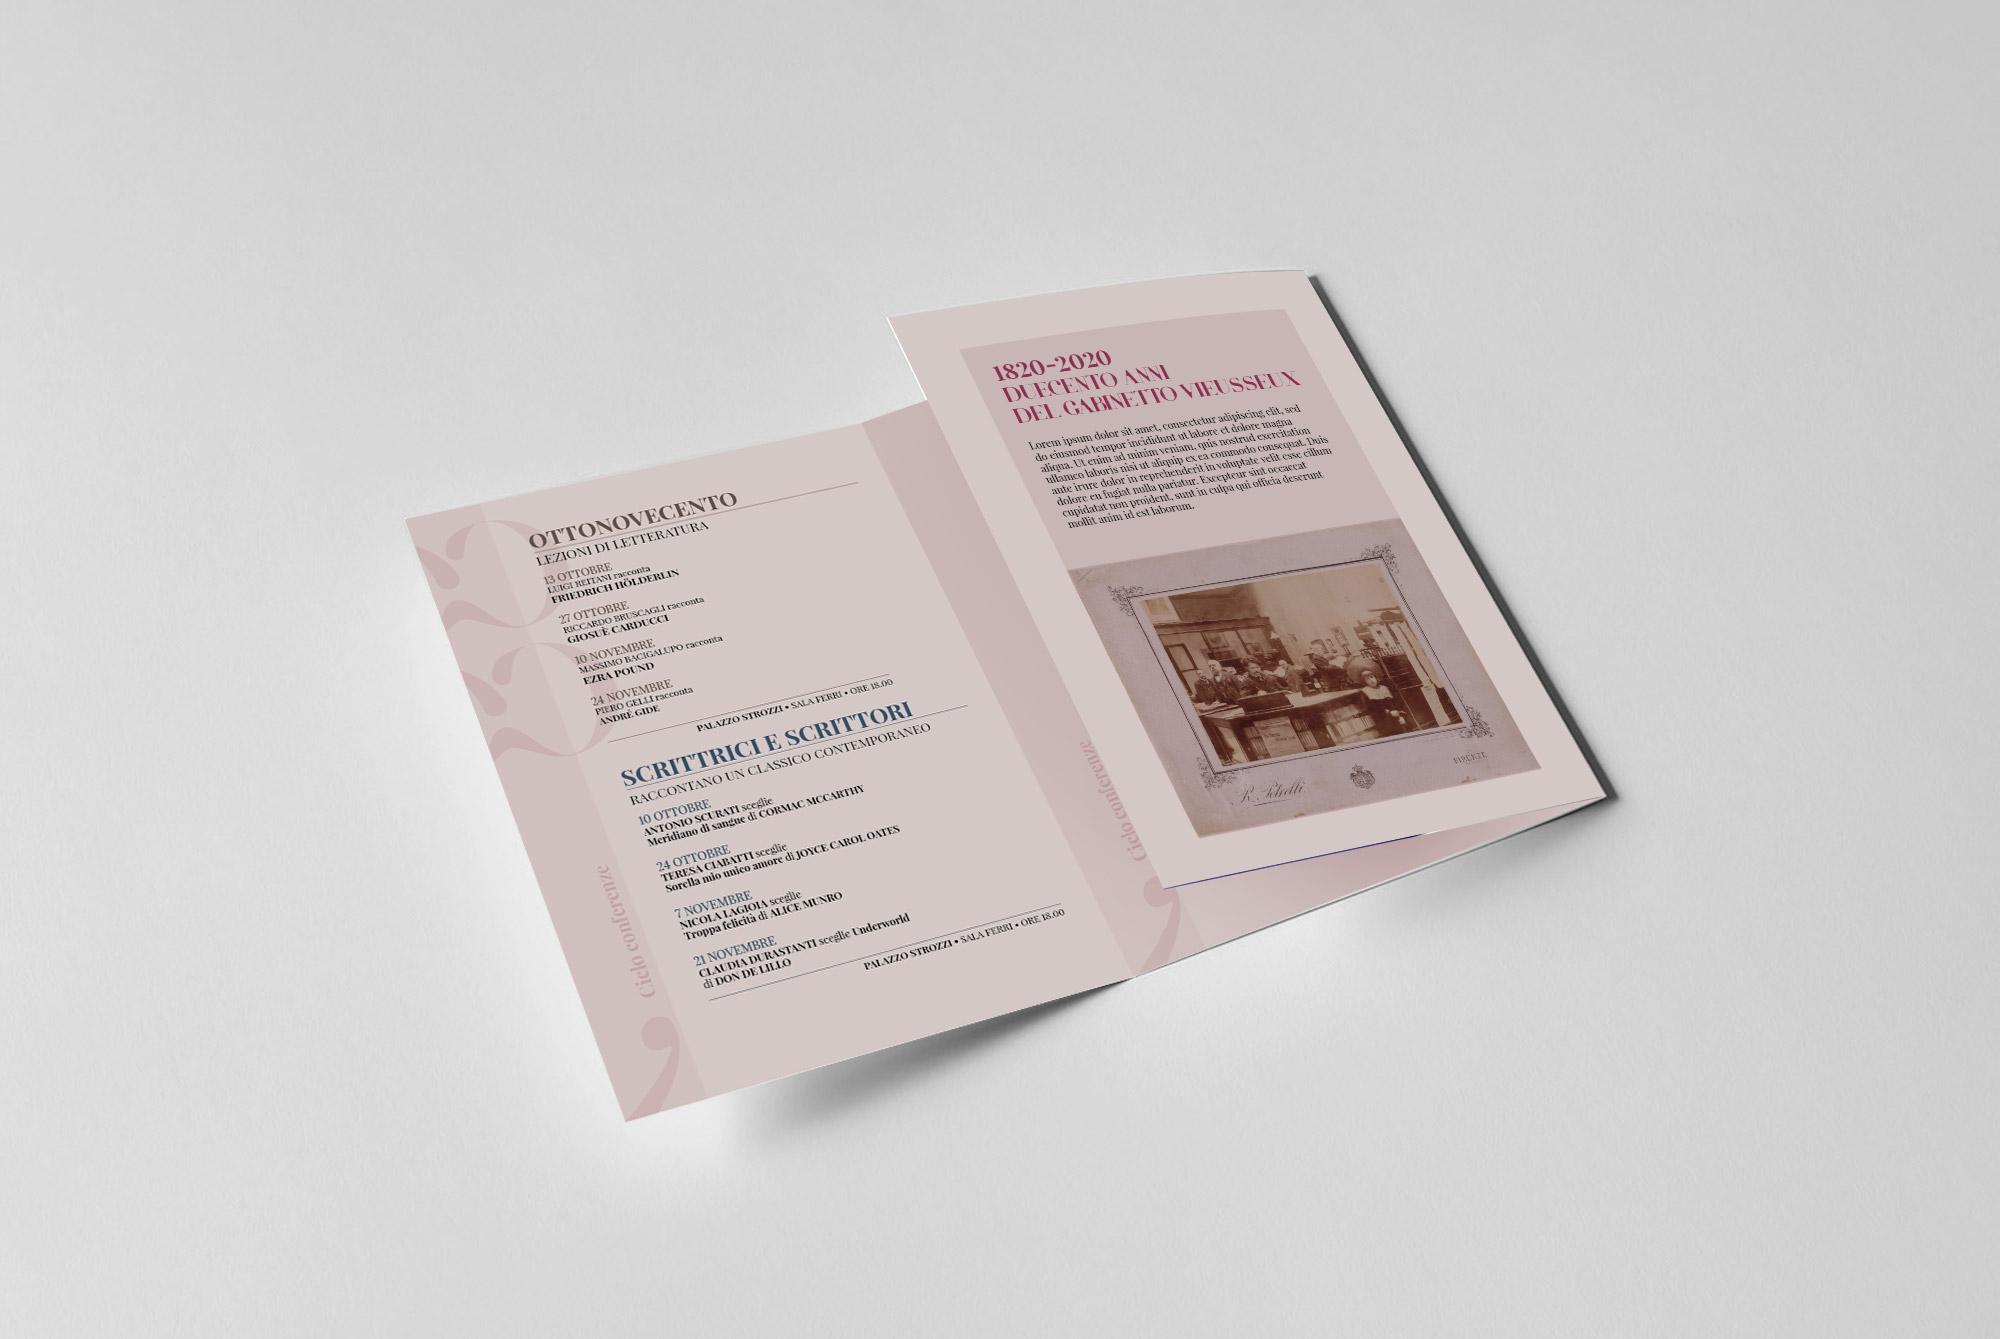 vieusseux-leaflet-dentro1